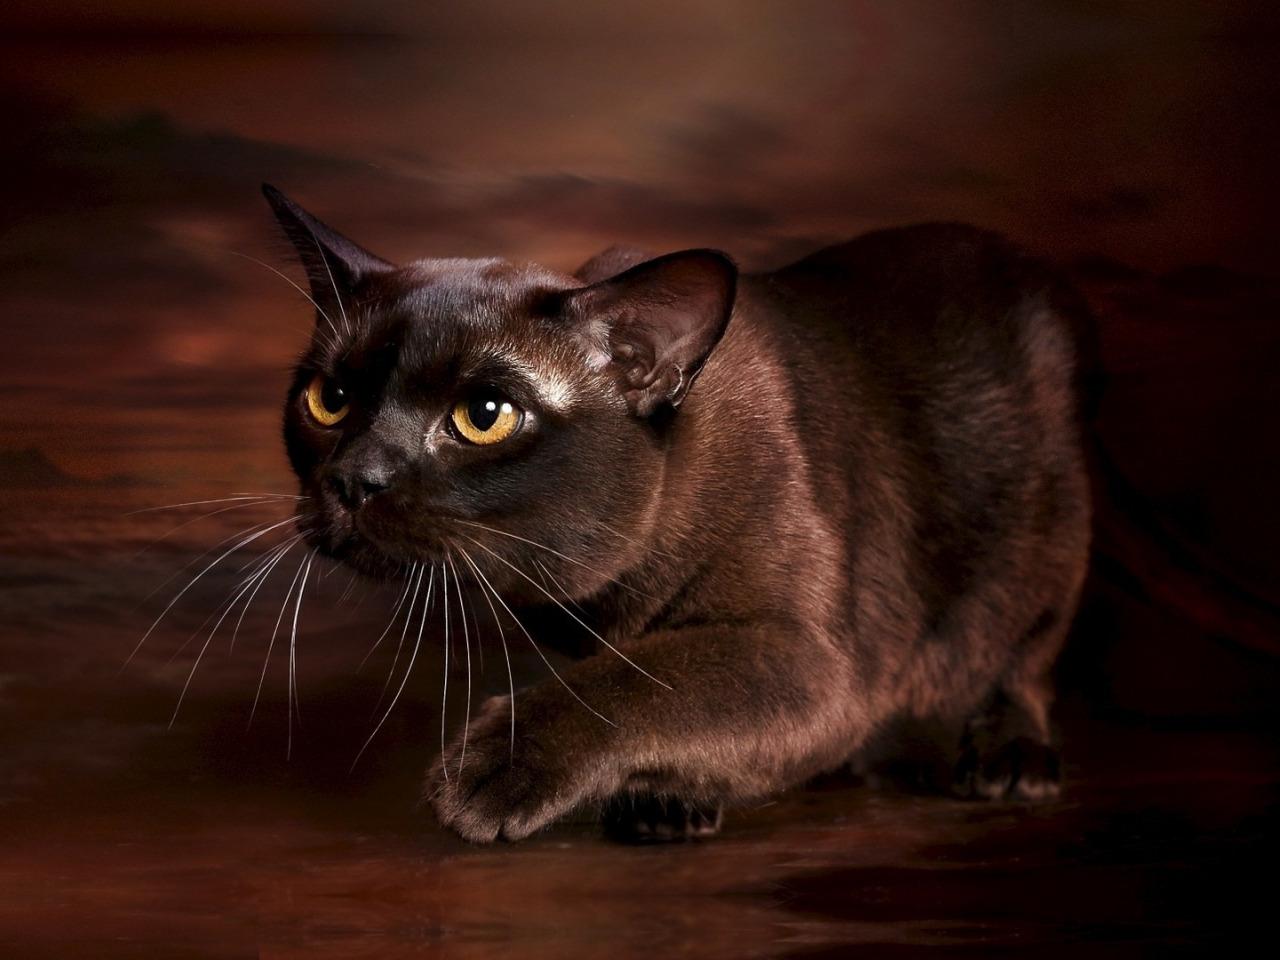 картинки шоколадные кошки долей содержания